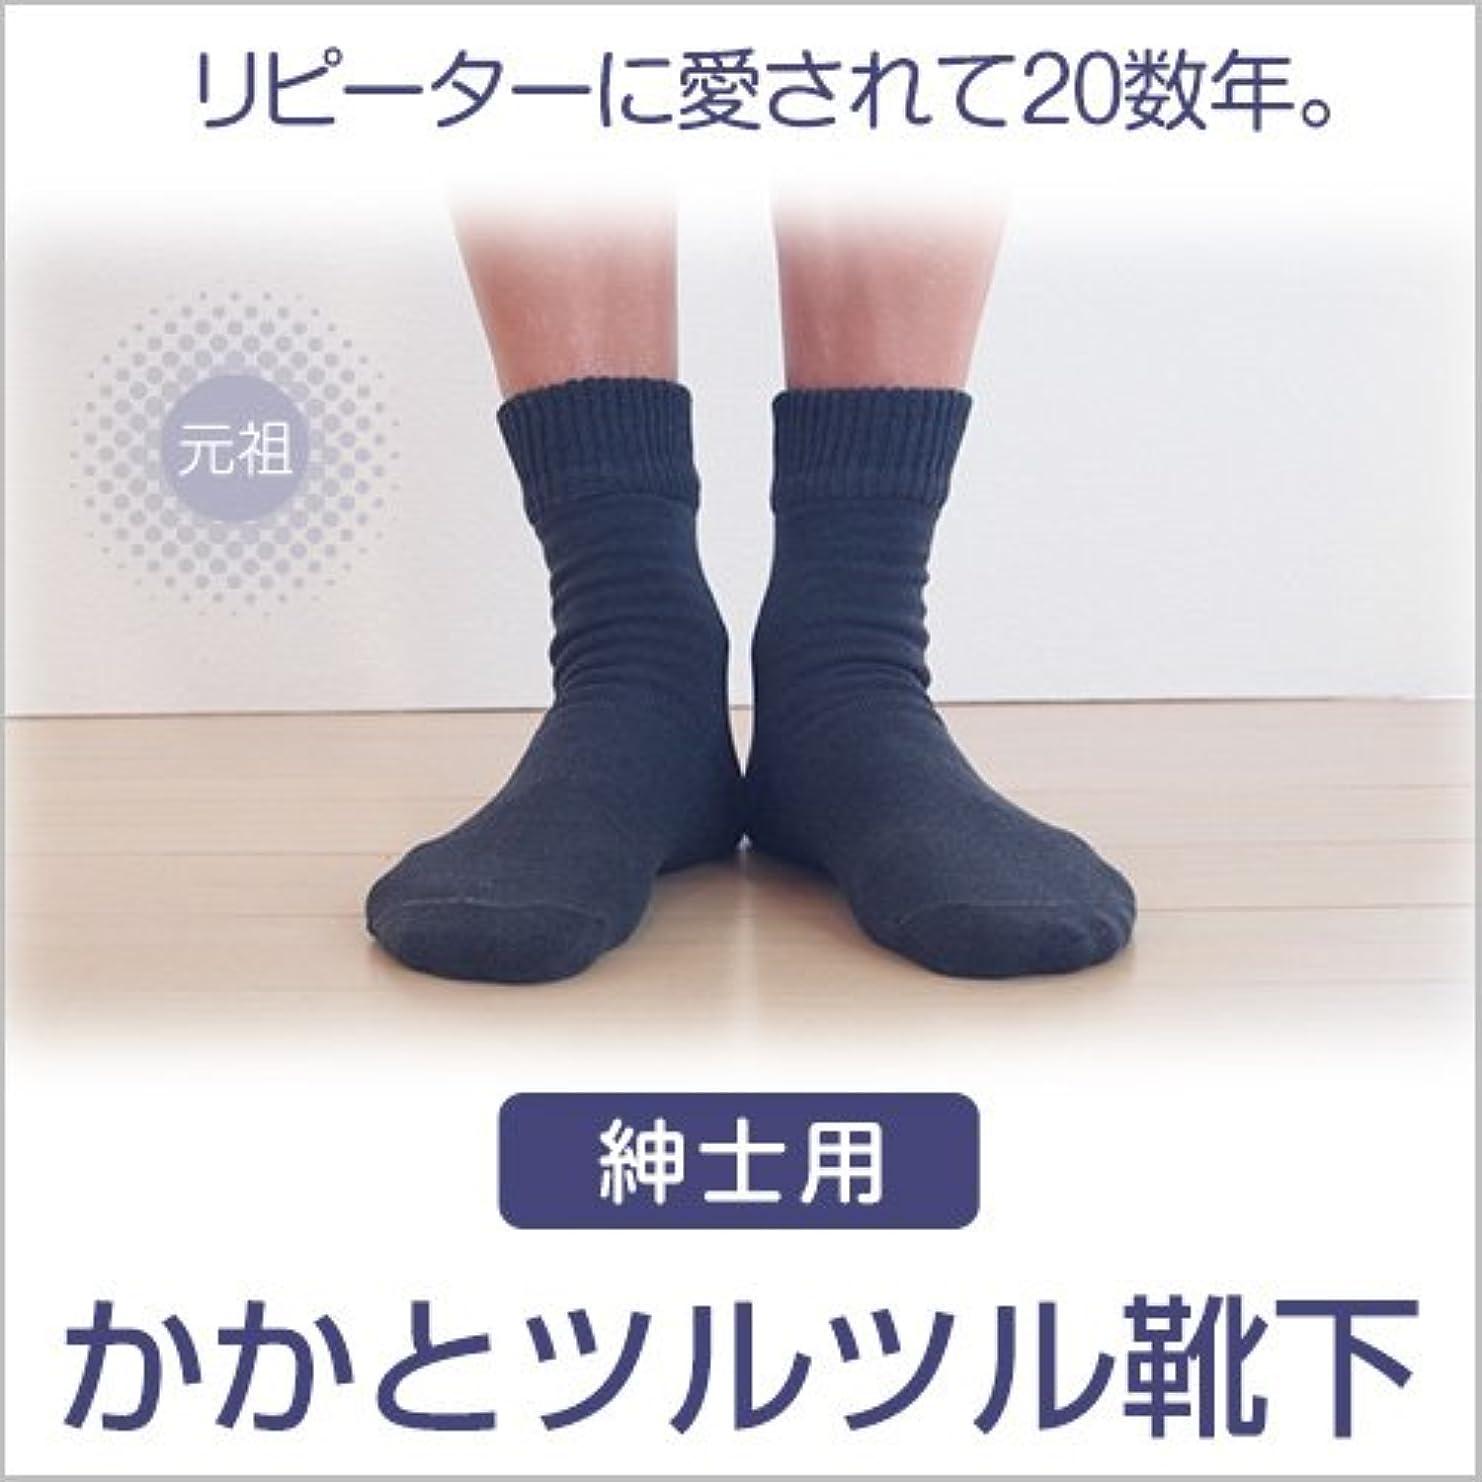 プレビュー温帯弾性男性用 かかと ツルツル 靴下 ブラック 24-26cm 角質 ケア ひび割れ対策 太陽ニット 700